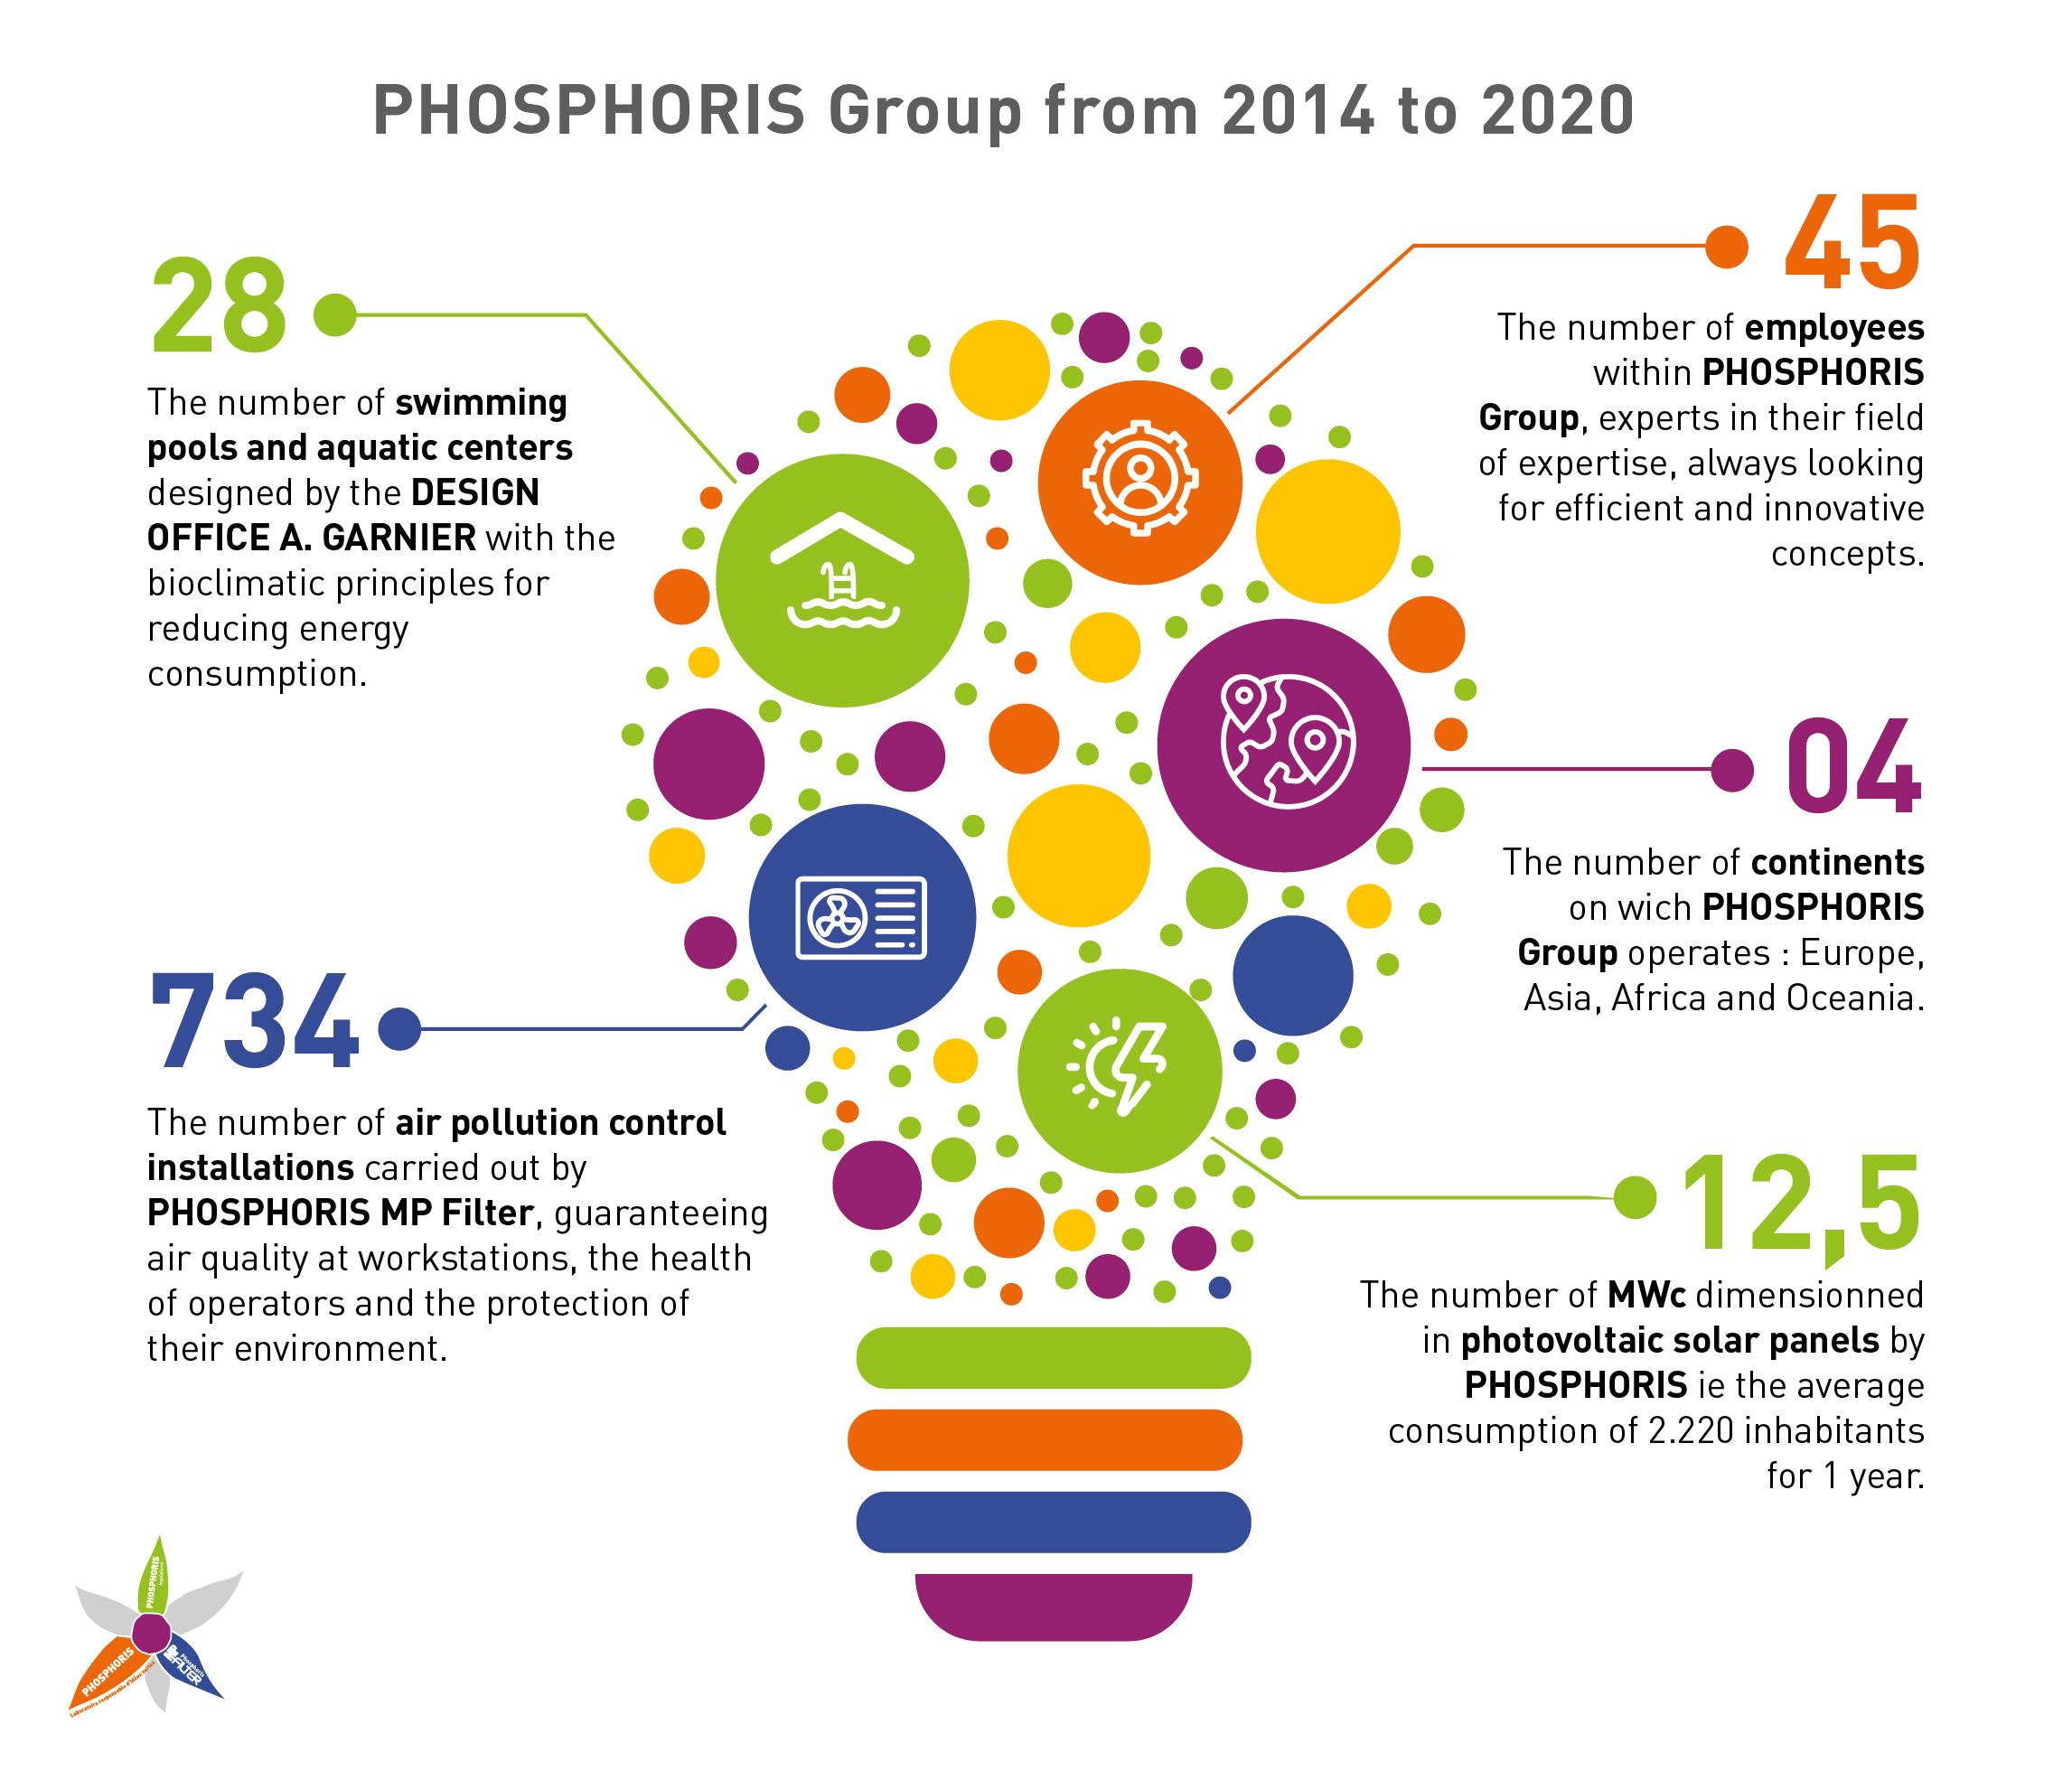 Key numbers of PHOSPHORIS